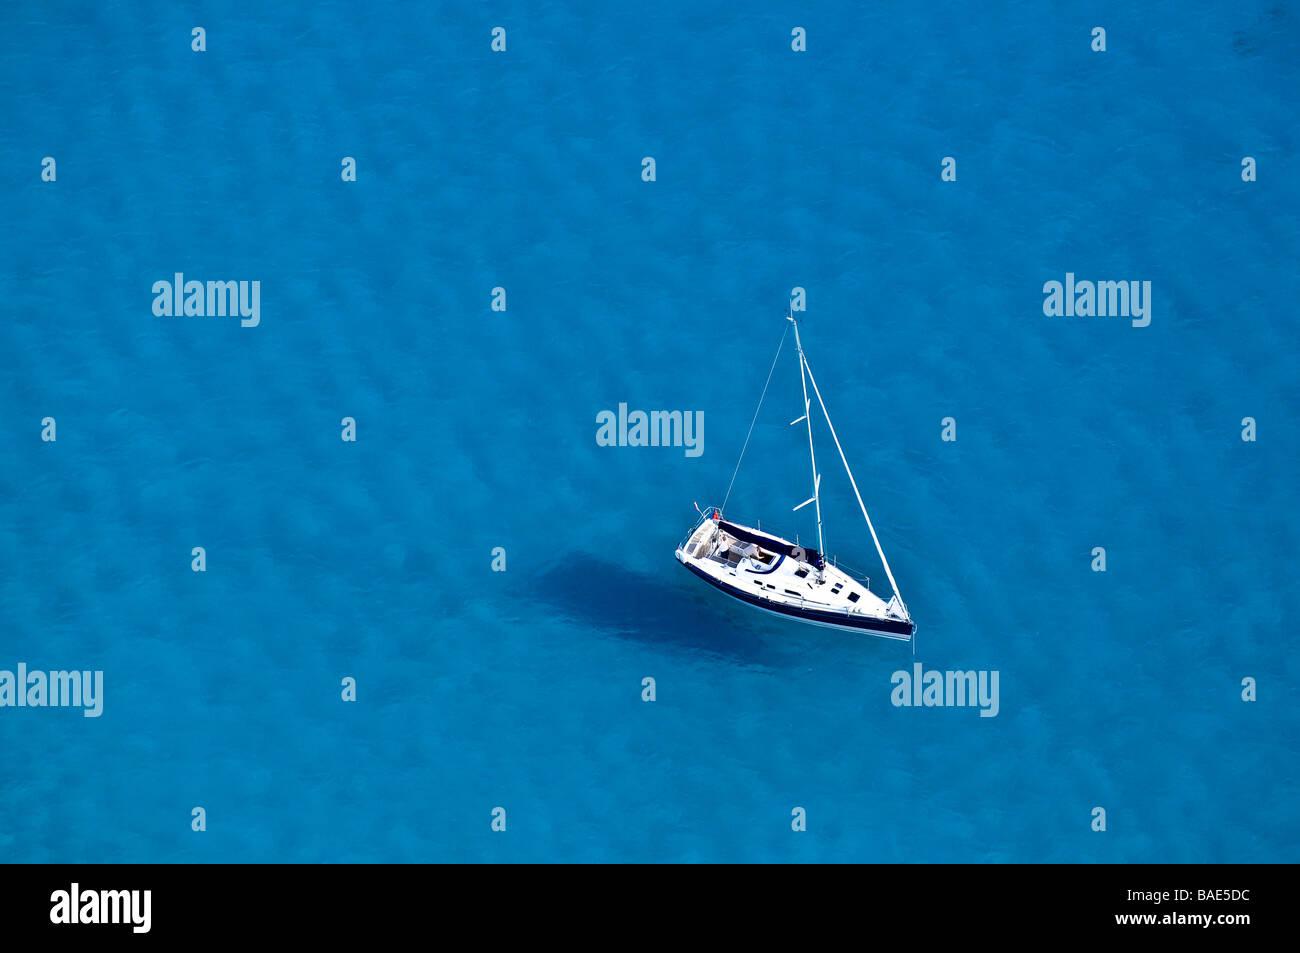 Francia, Corse du Sud, il Golfo di Lava, yacht (vista aerea) Immagini Stock